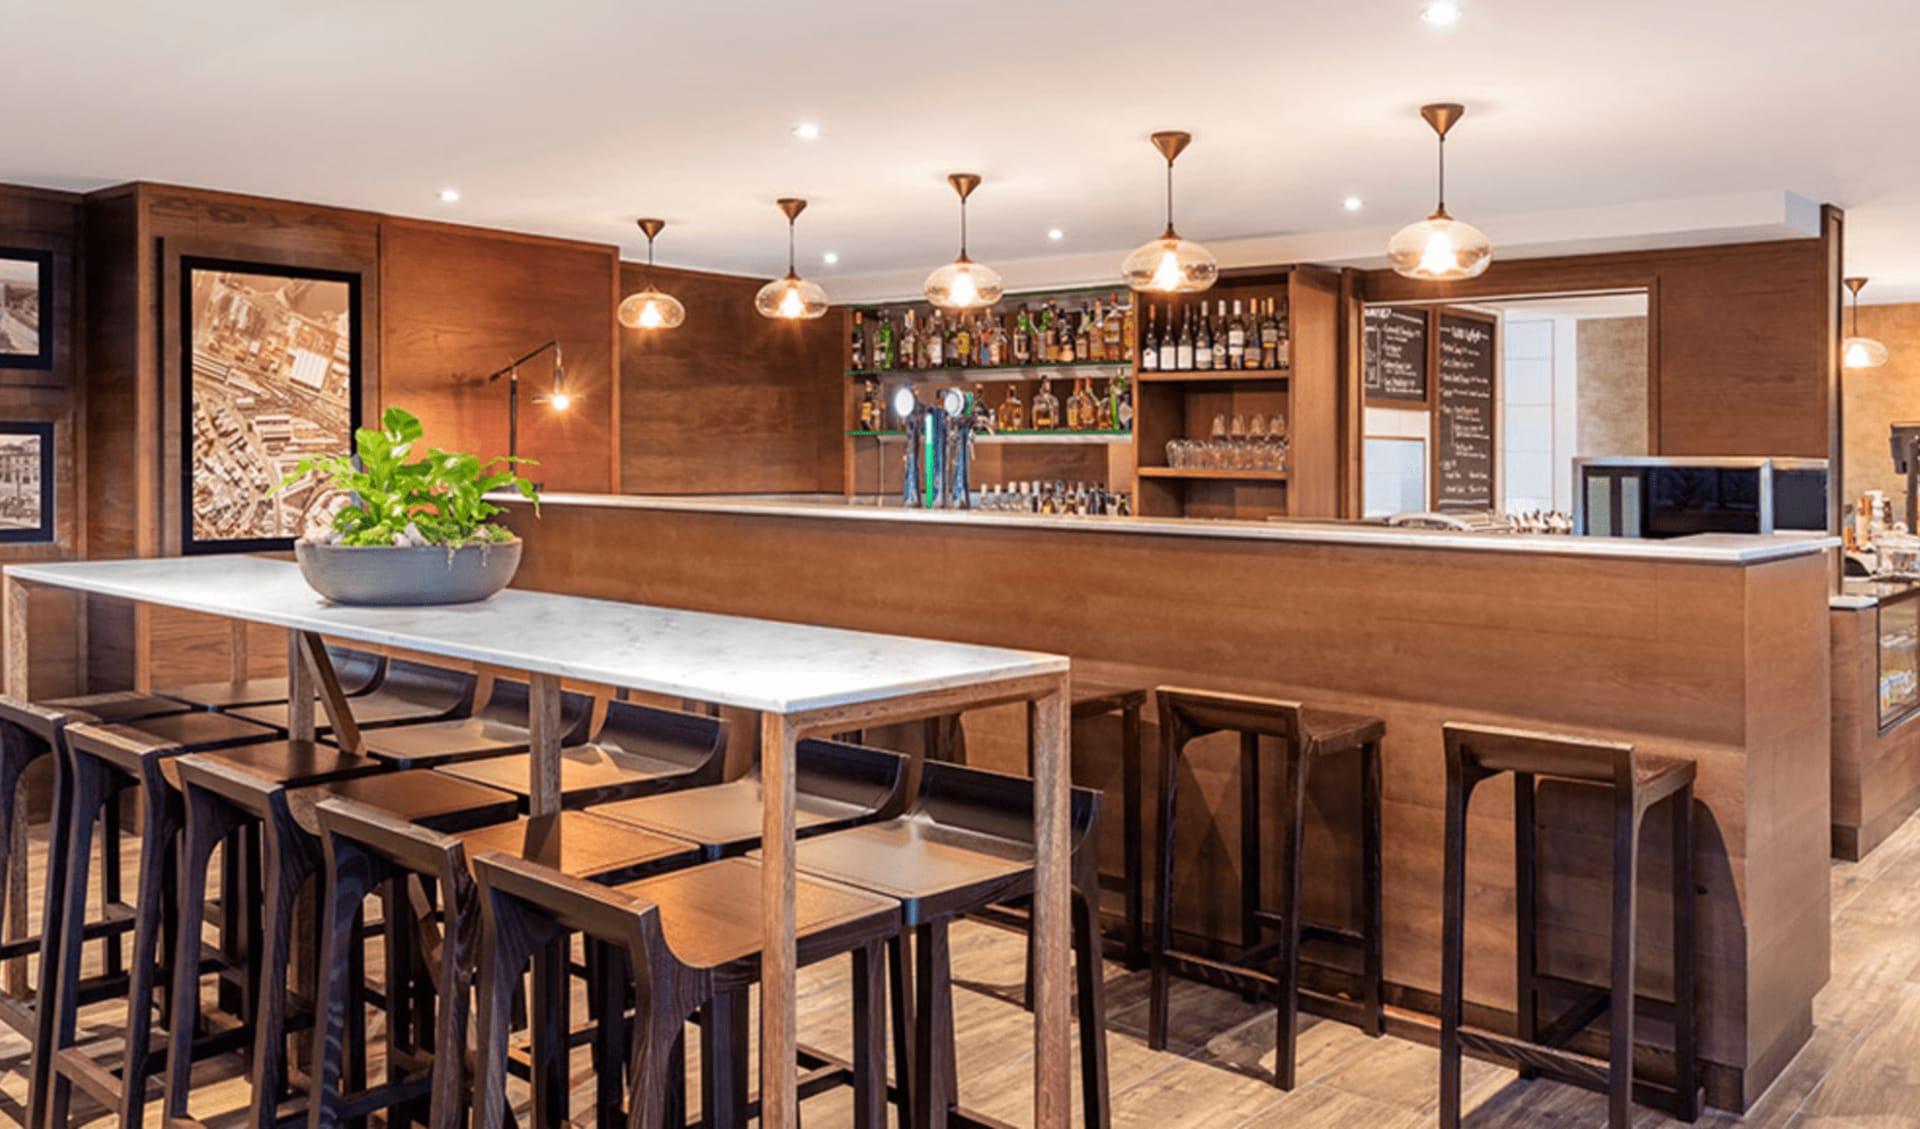 Adina Apartment Hotel Auckland: Adina Apart hotel Bar